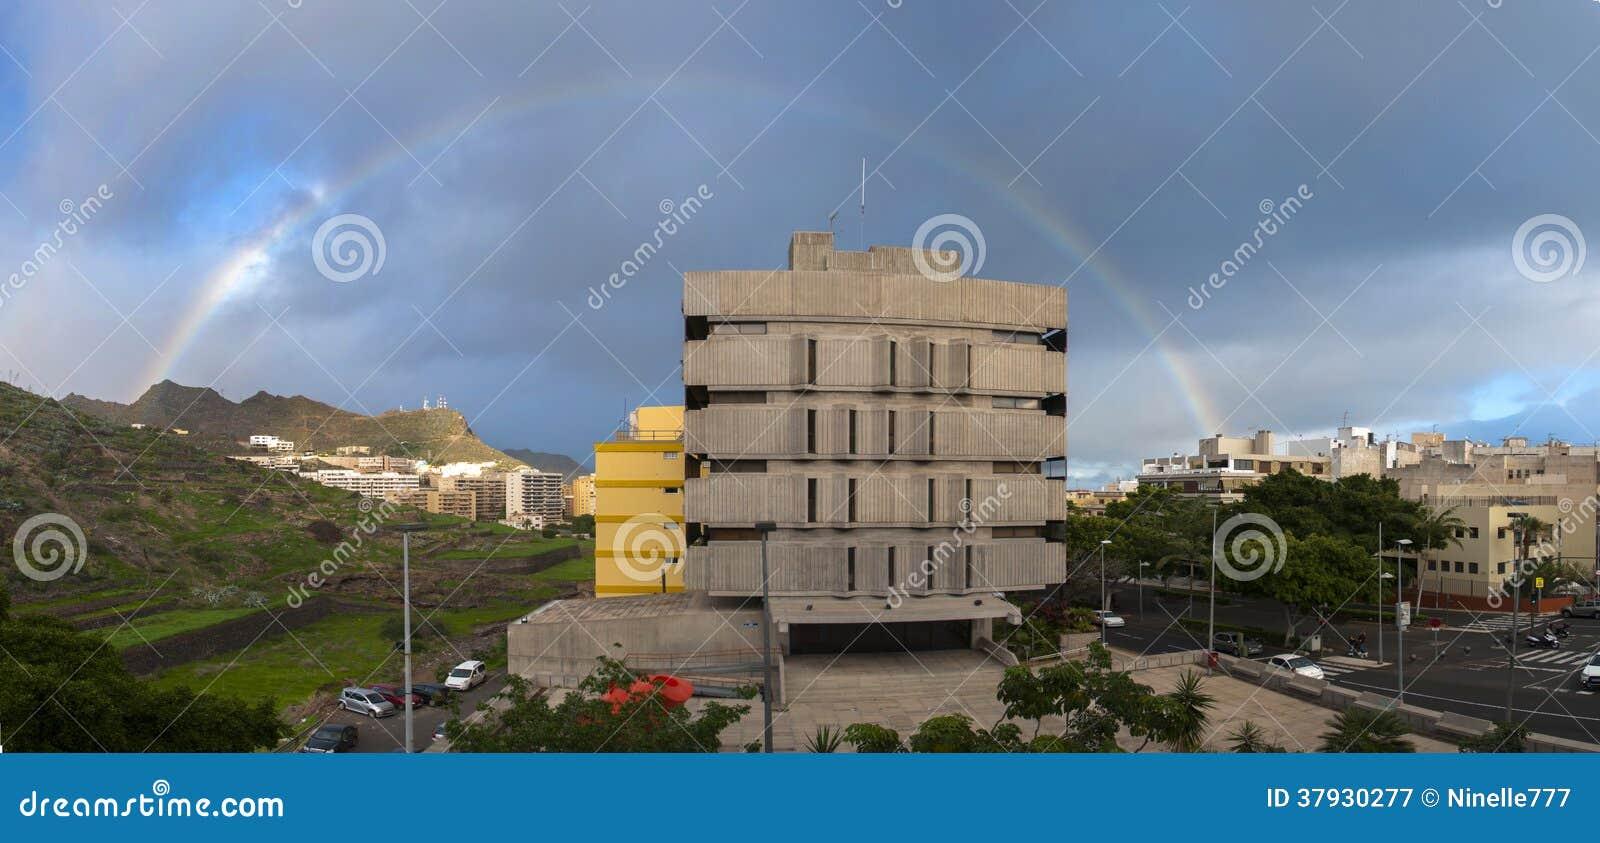 Панорама города с радугой